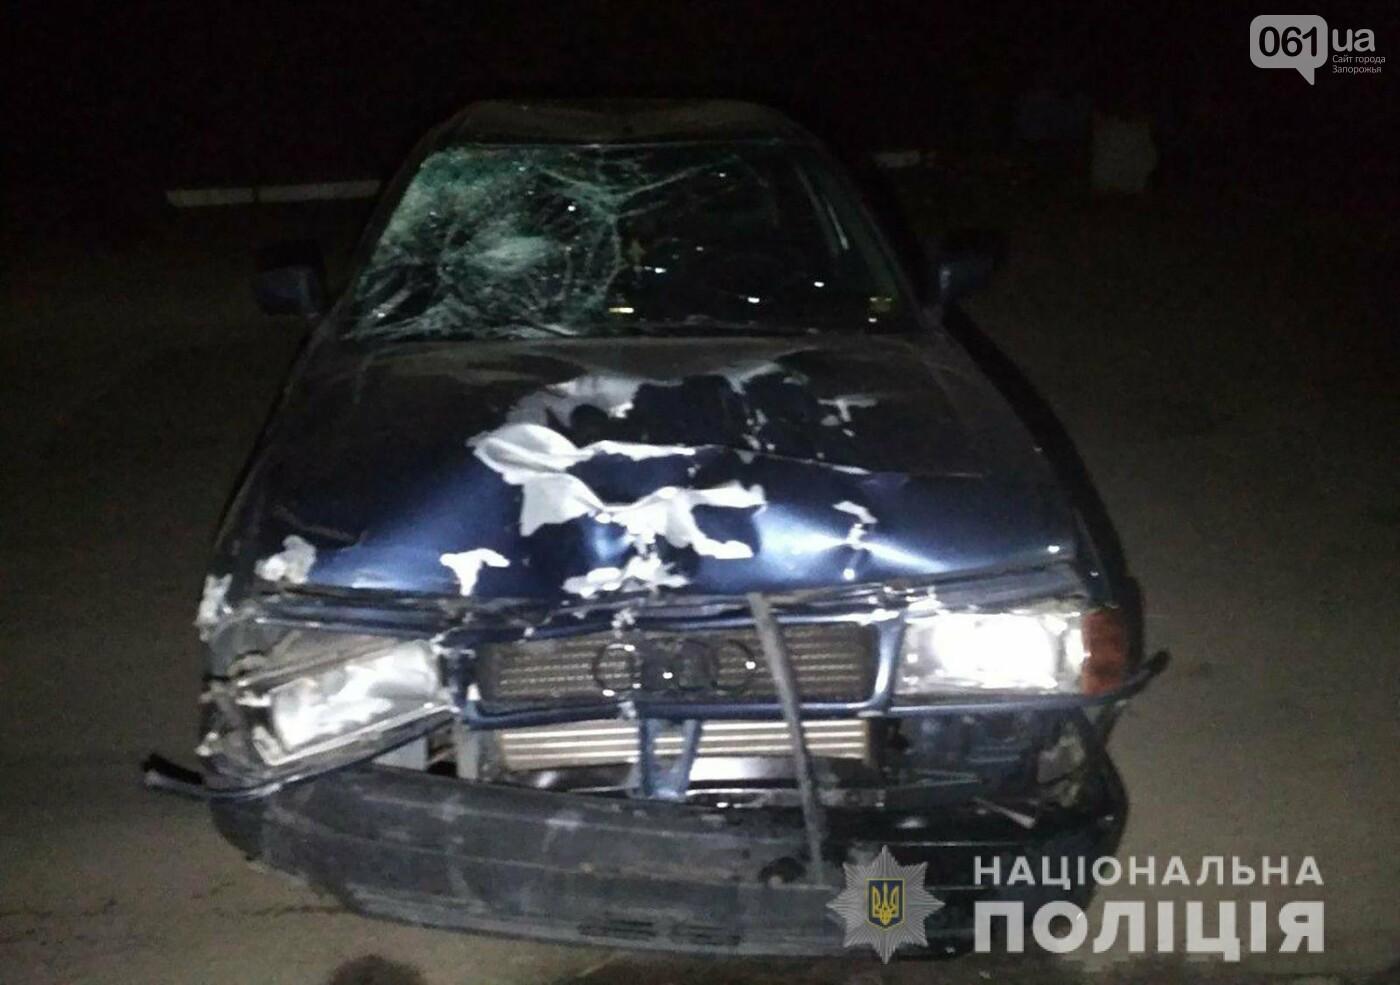 В Пологах пьяный водитель под наркотиками насмерть сбил двух велосипедистов: мальчик умер в больнице, - ФОТО, фото-1